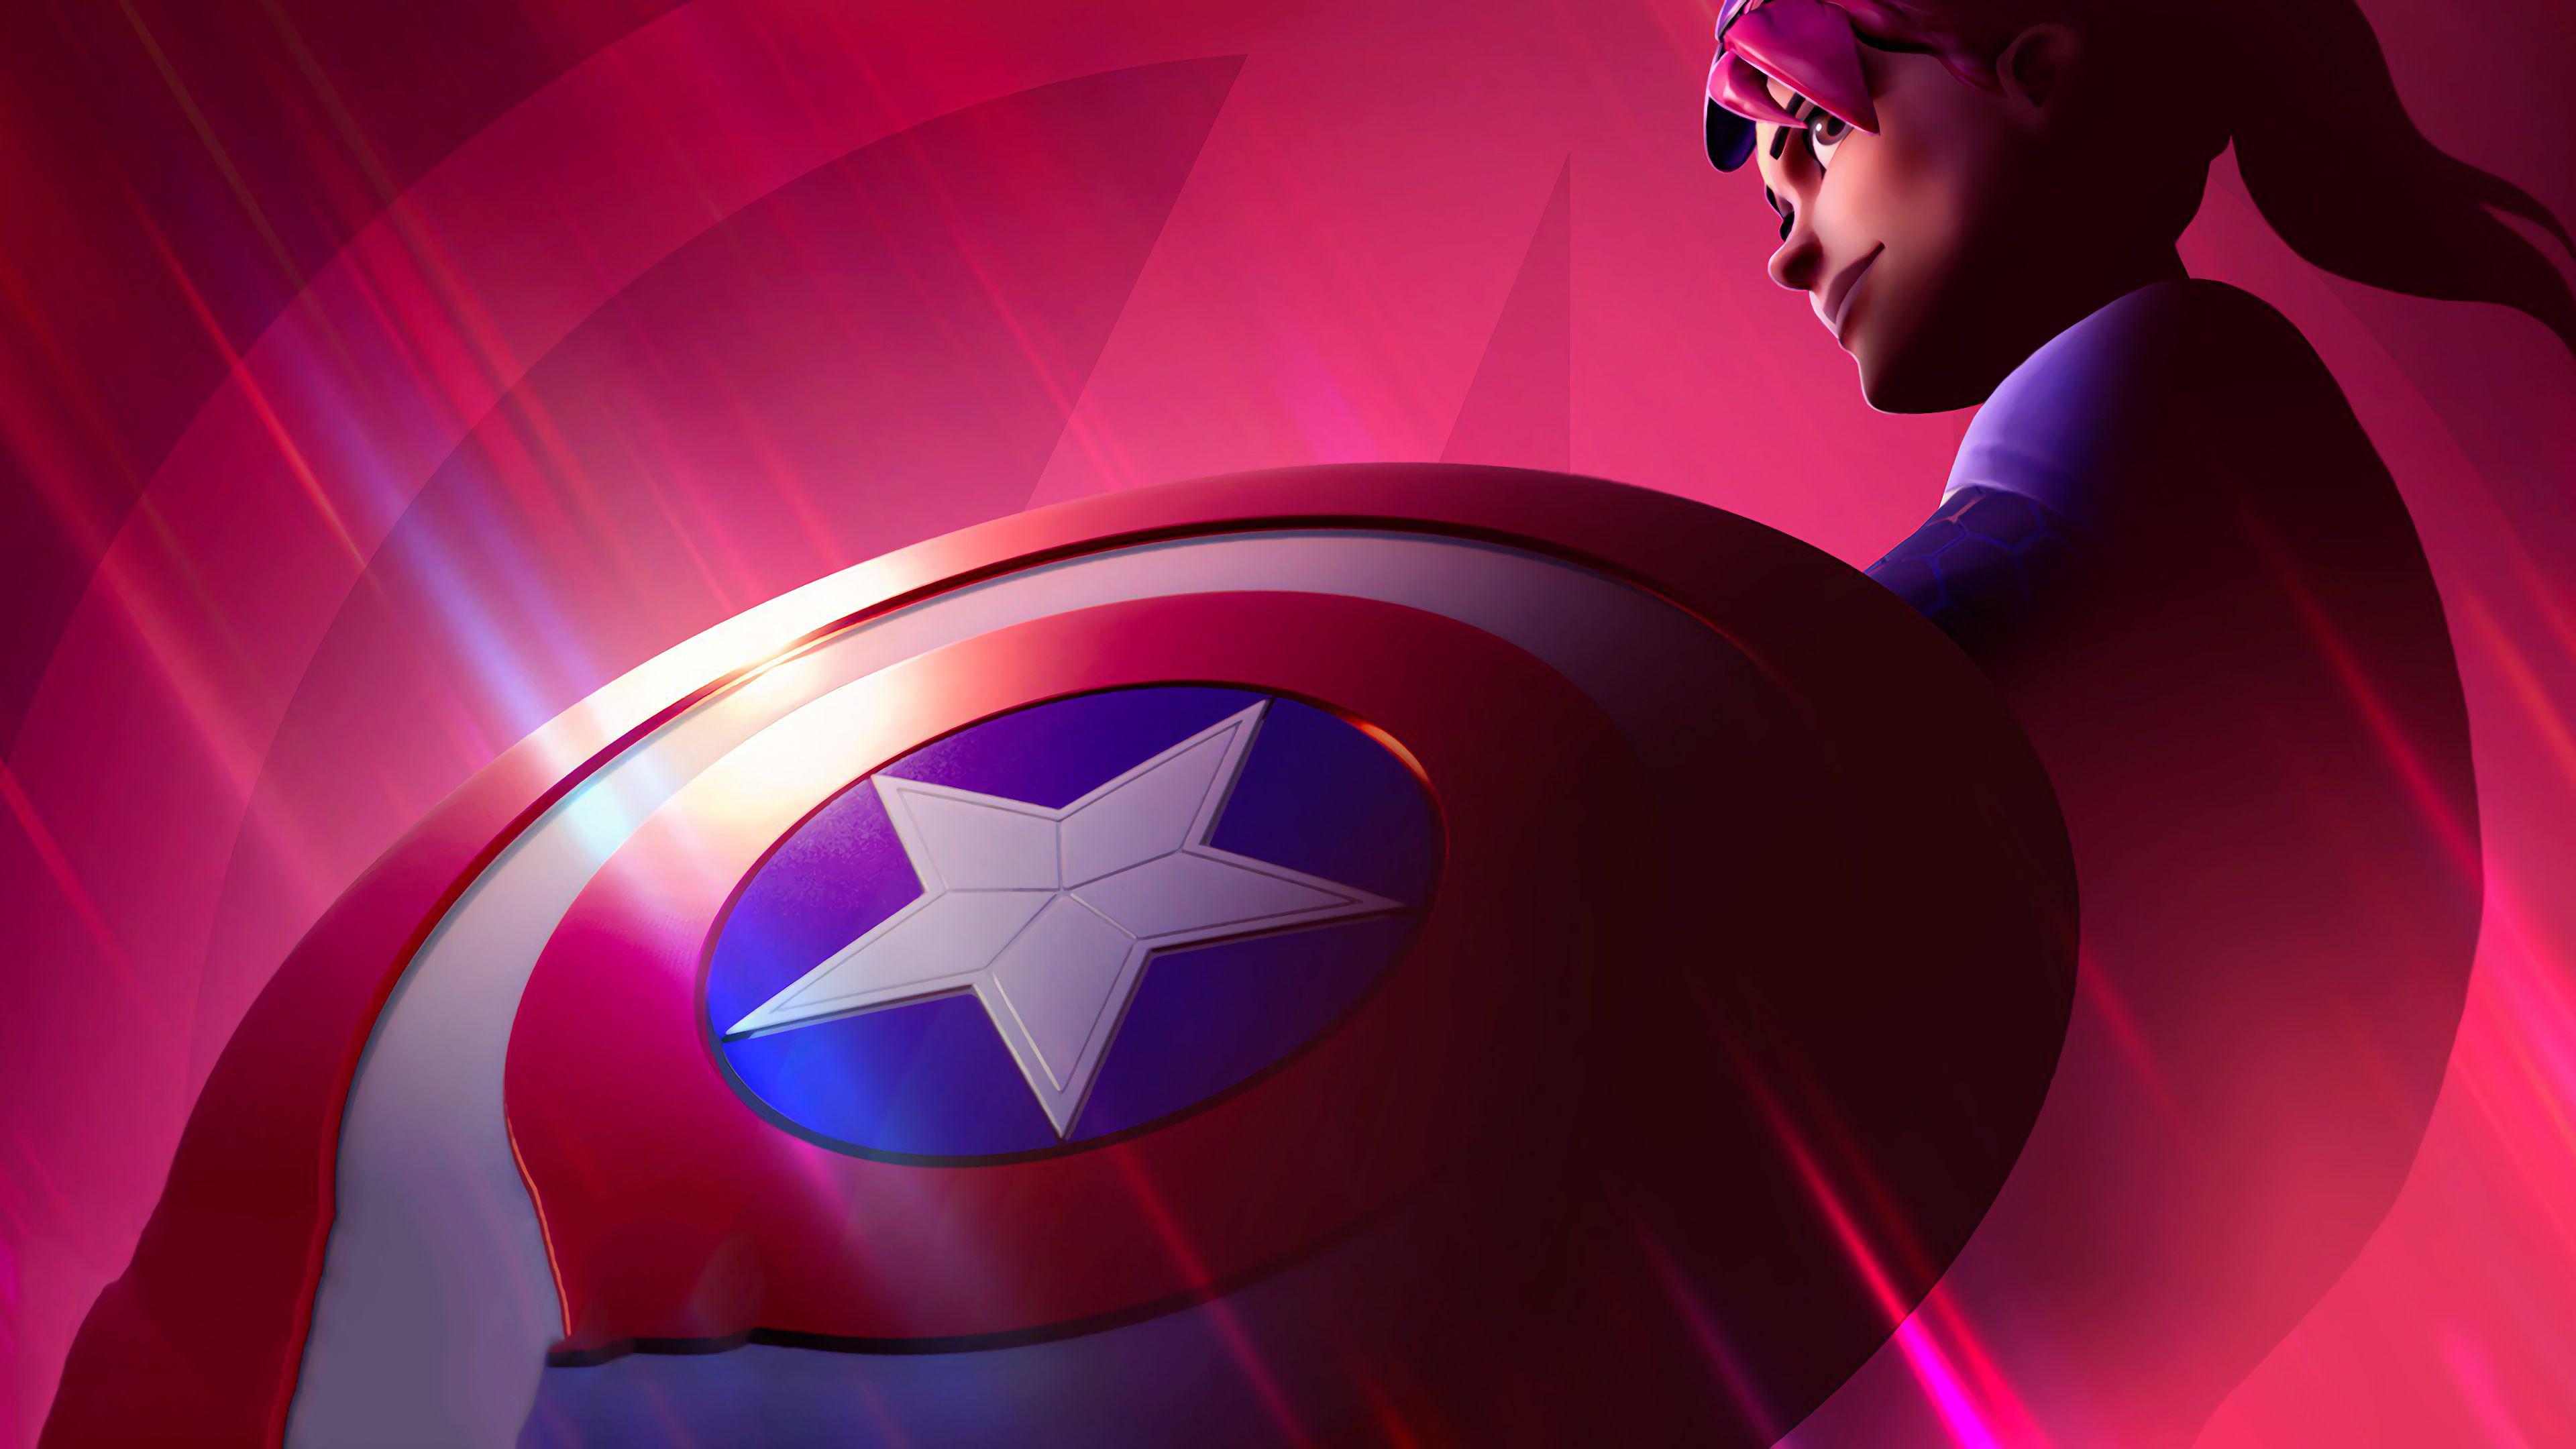 Fortnite Captain America Avengers 4k Hd Wallpapers Games Wallpapers Fortnite Wallpapers Avengers Endgame Wallpapers 4k Wa Captain America Fortnite Avengers